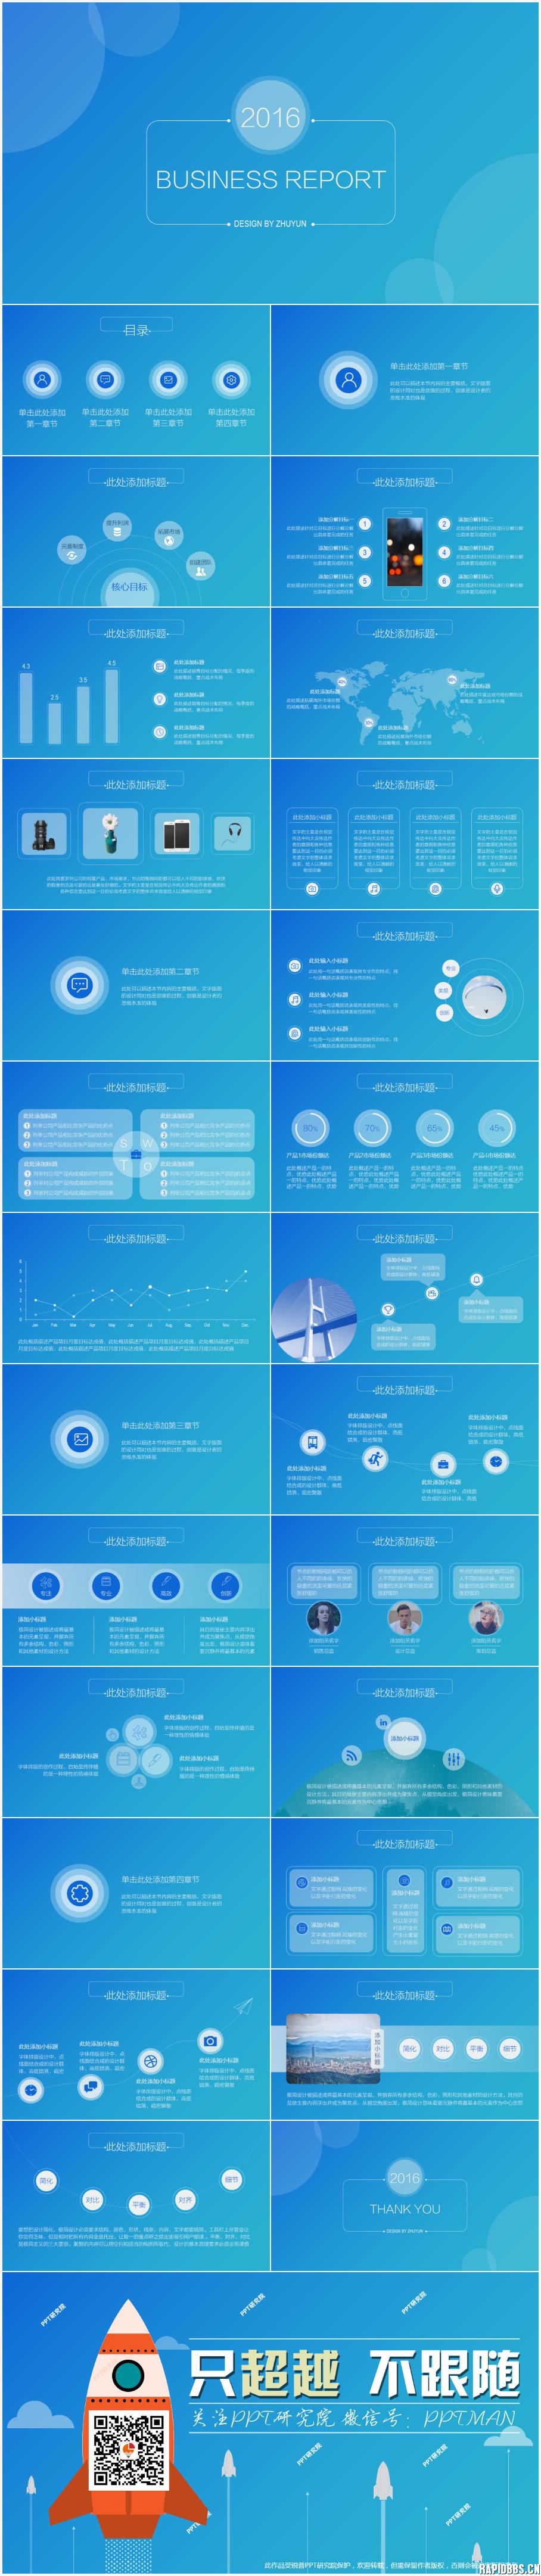 渐变极简主义商务通用型ppt模板-深蓝色.jpg